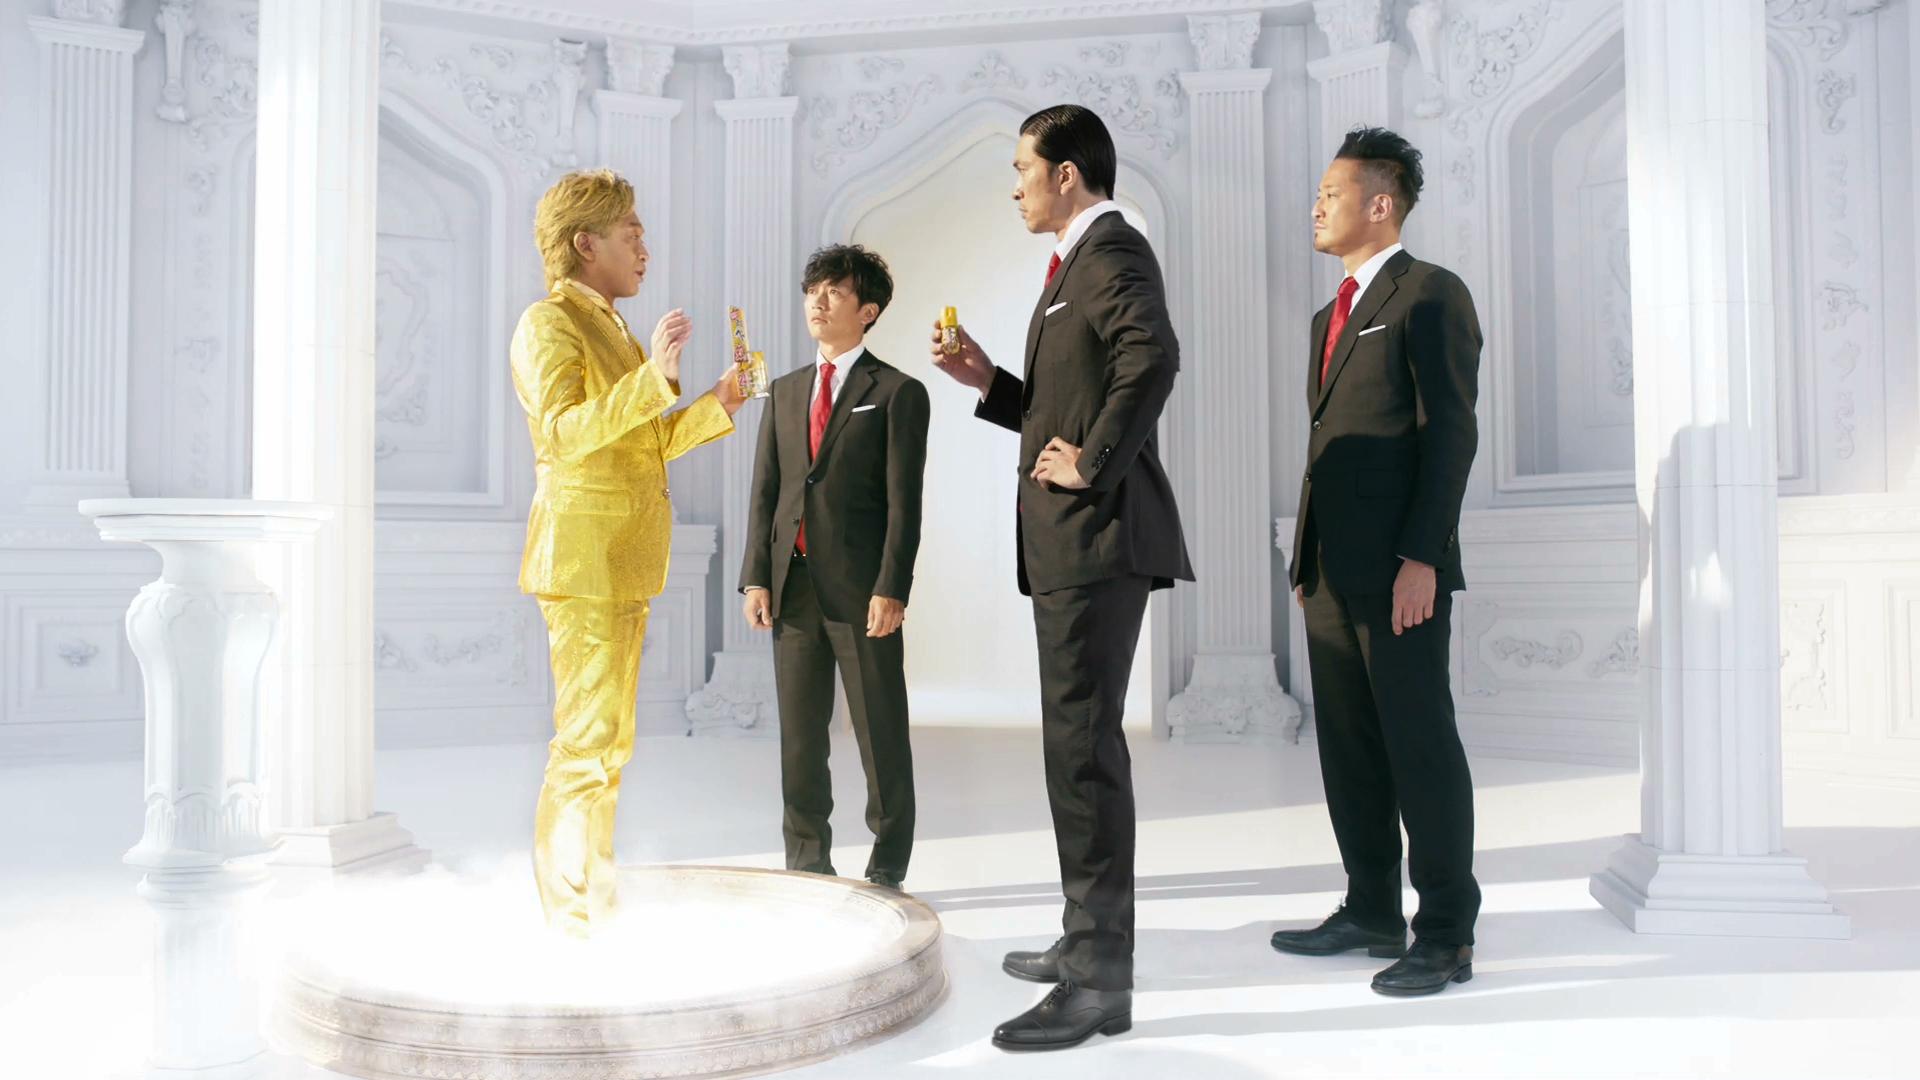 TOKIOが21年間CM出演しているフマキラー、新CMを放映を決定 「これからも引き続き彼らを応援して参ります」